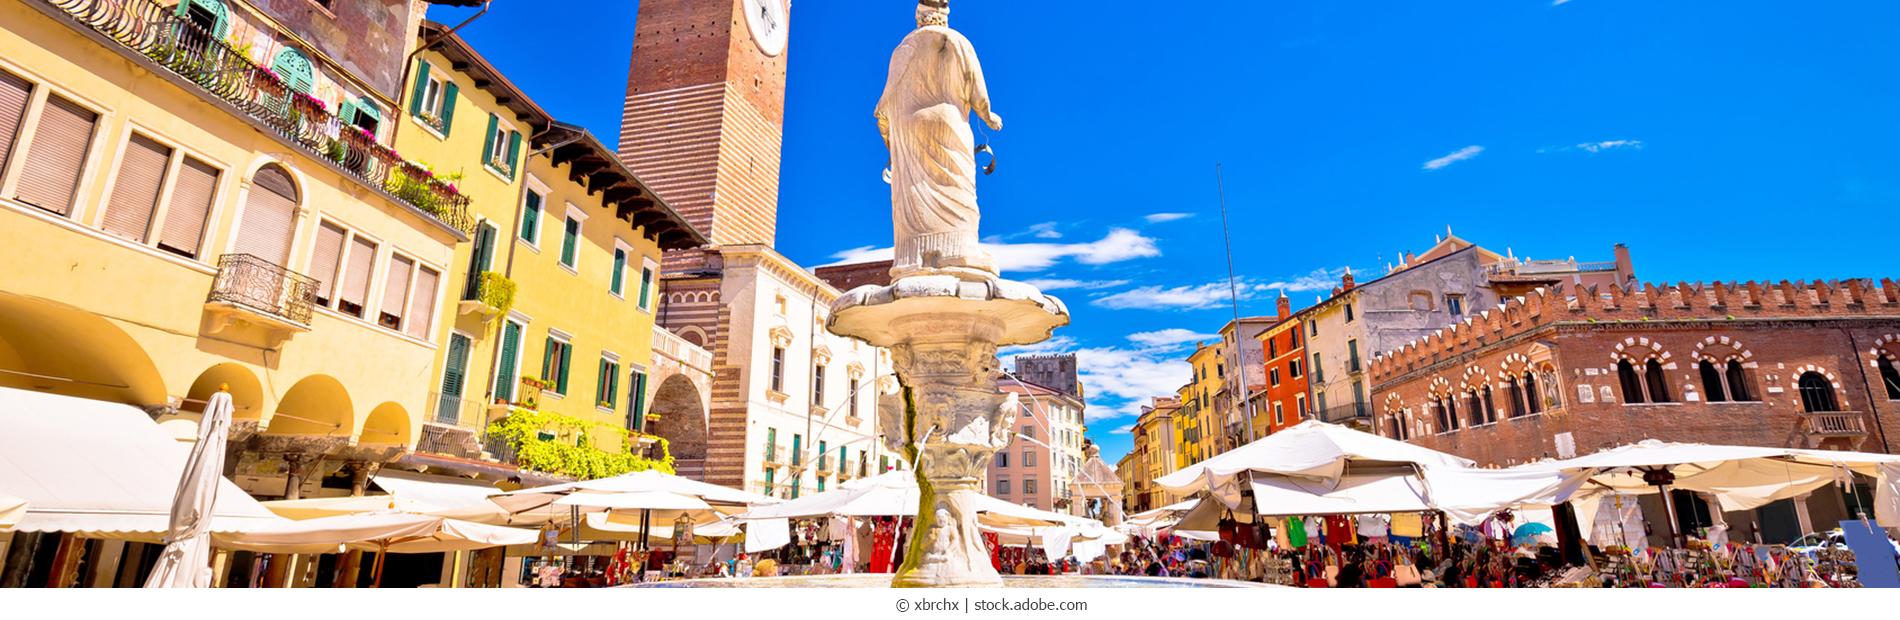 Verona_Fotolia_157451274_M_webC